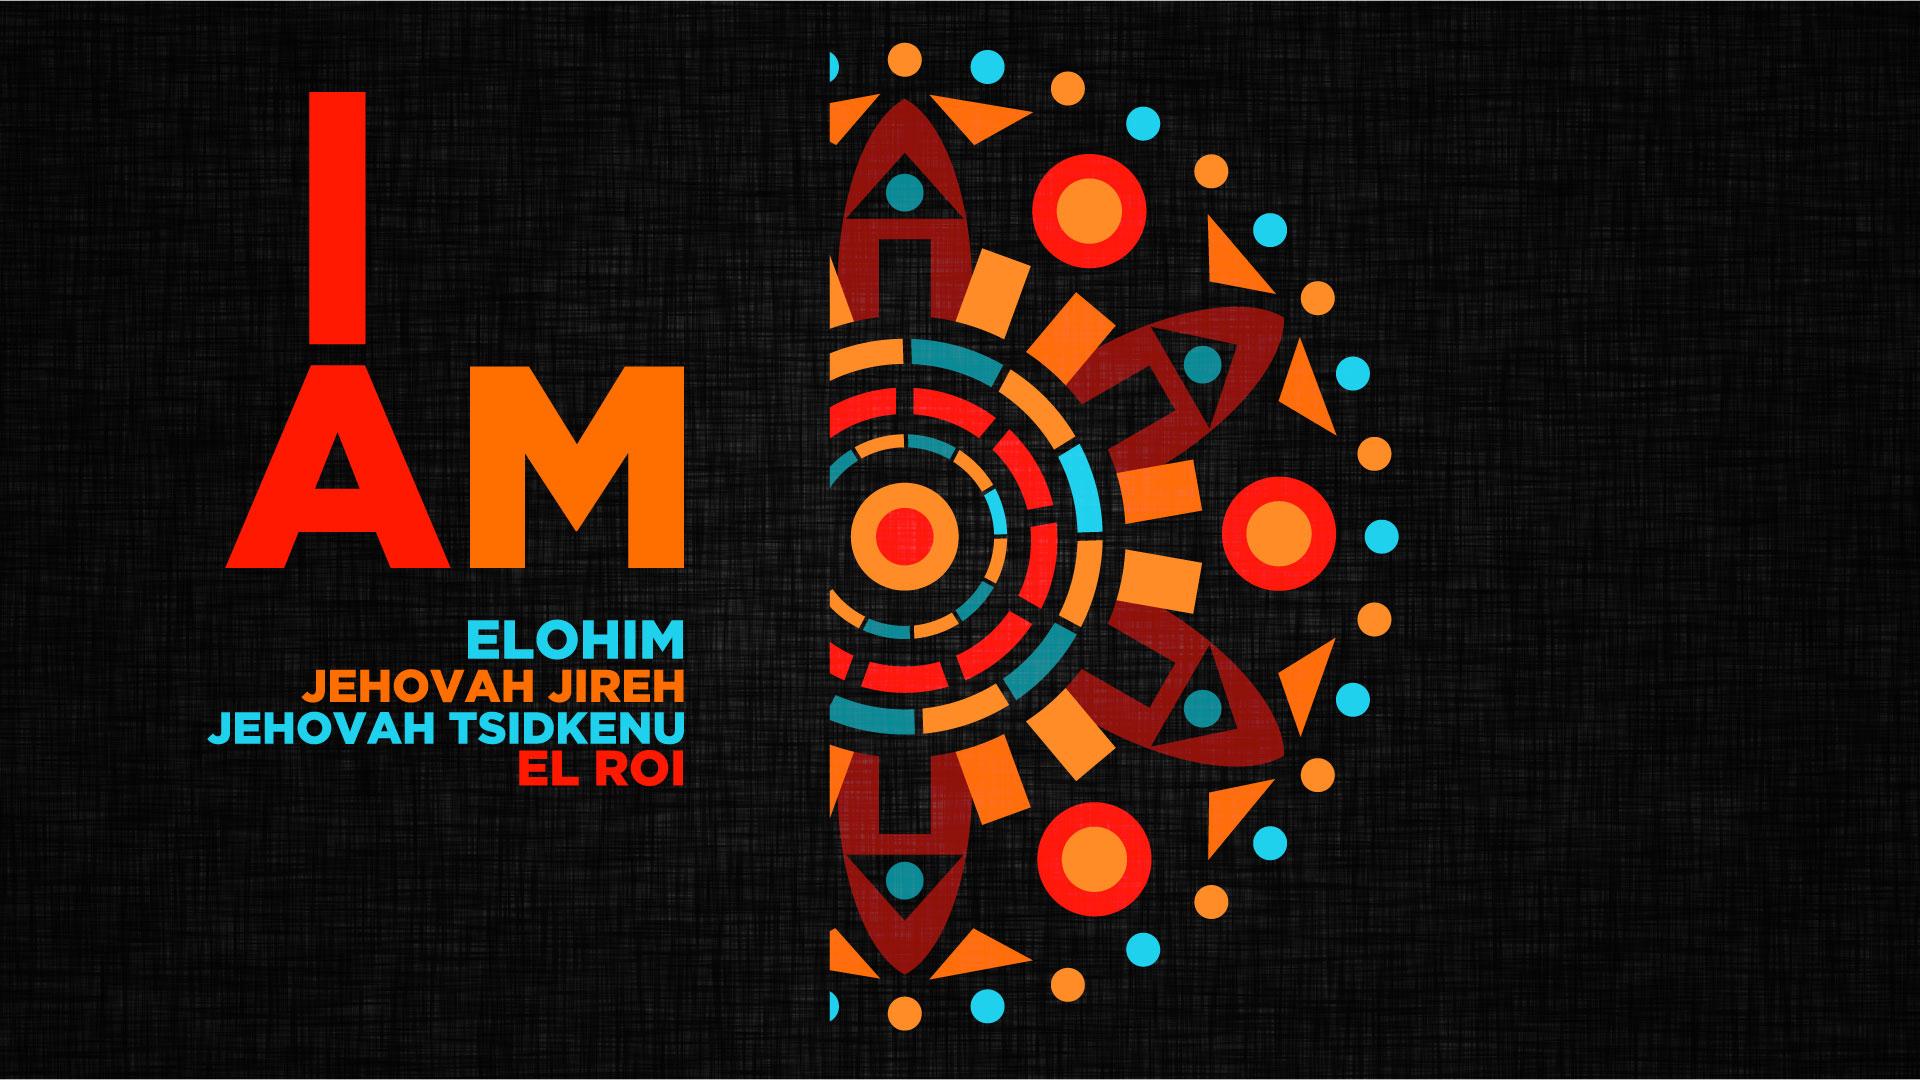 I AM: Jehovah Jireh